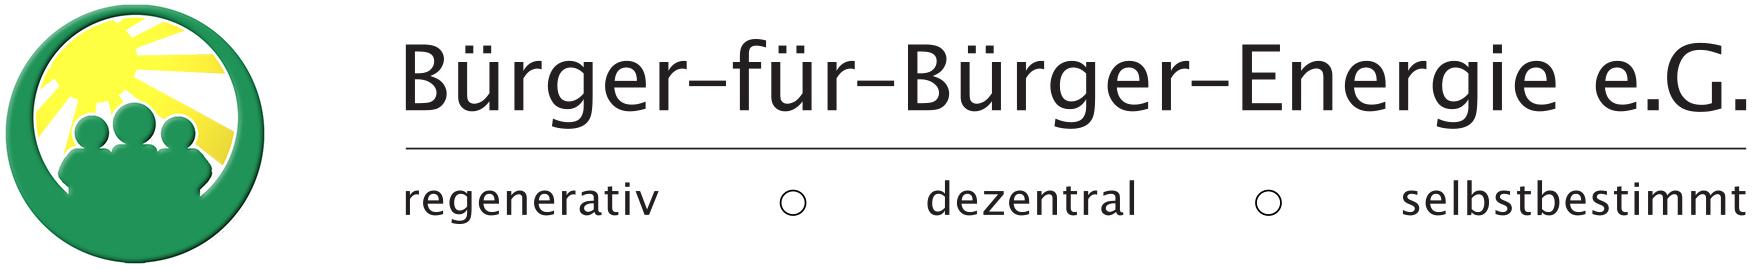 BfB-Energie_Logo_Schriftzug